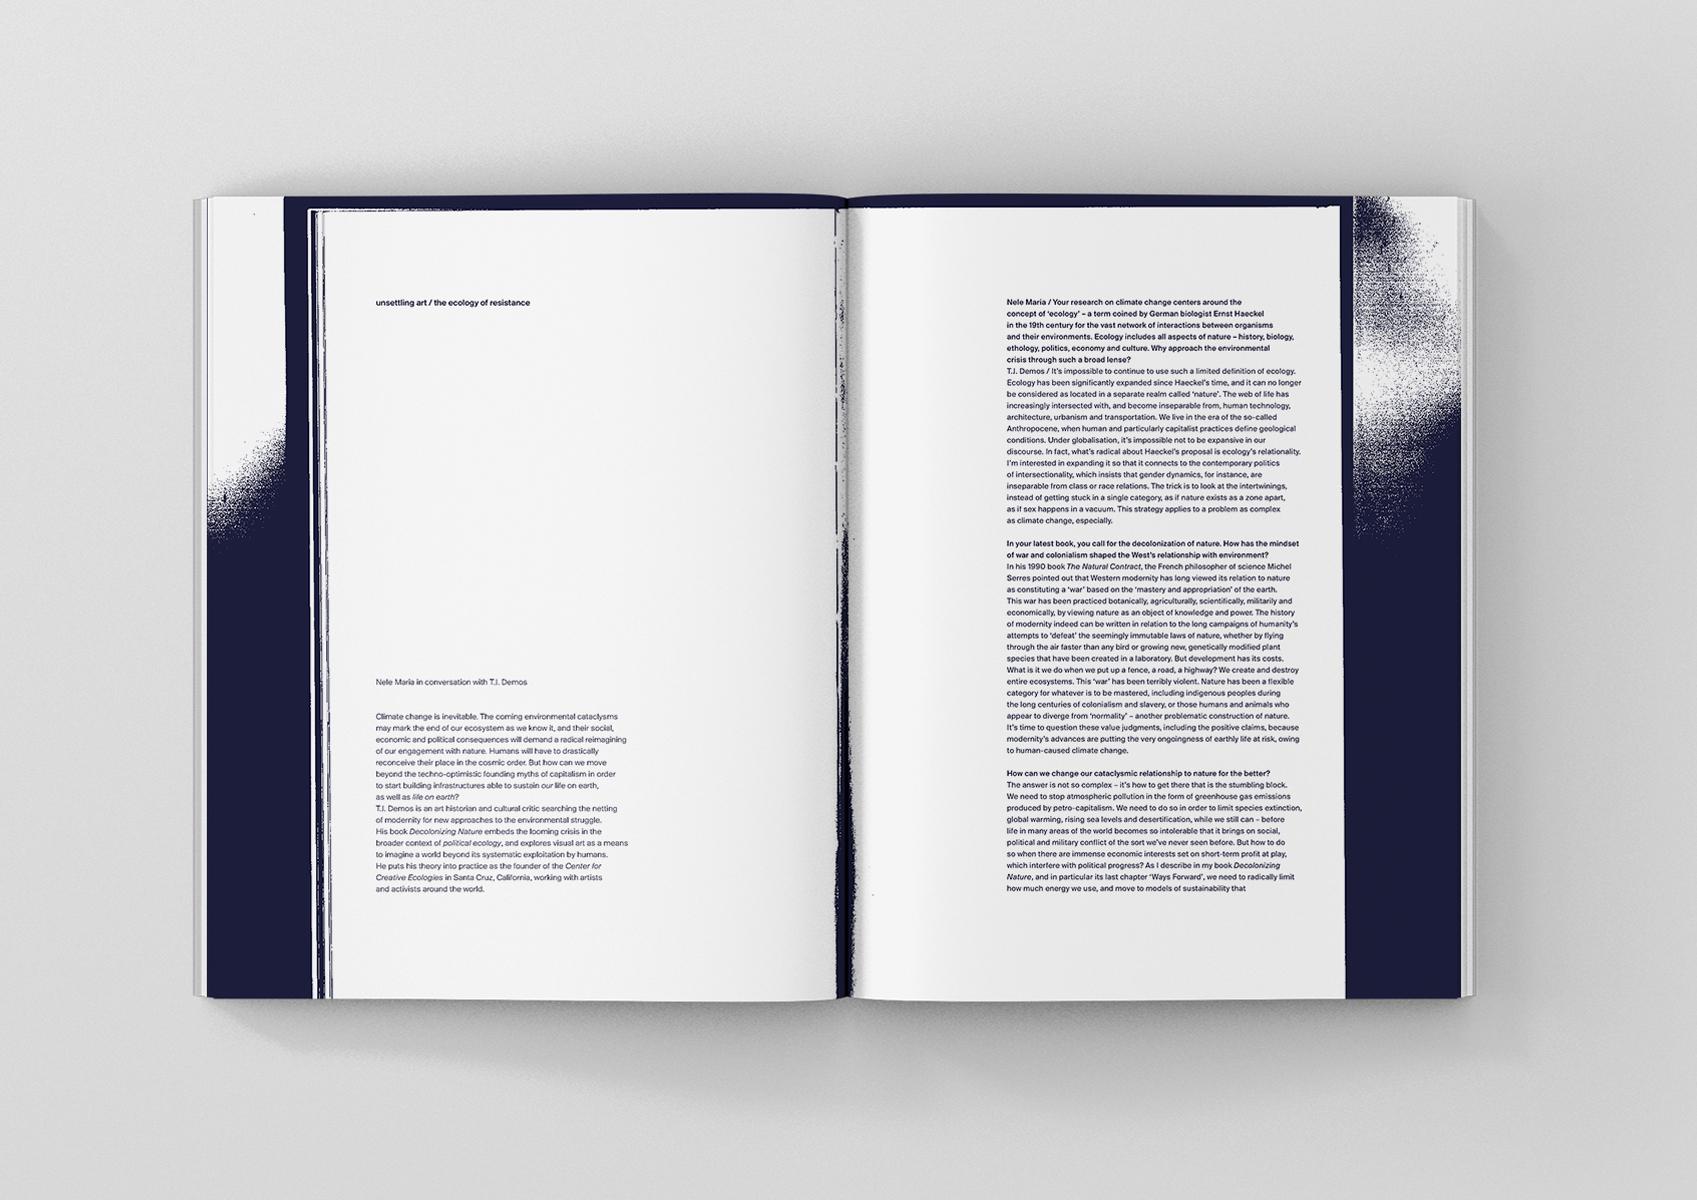 nicoletta-dalfino-dust-magazine-11-spread7